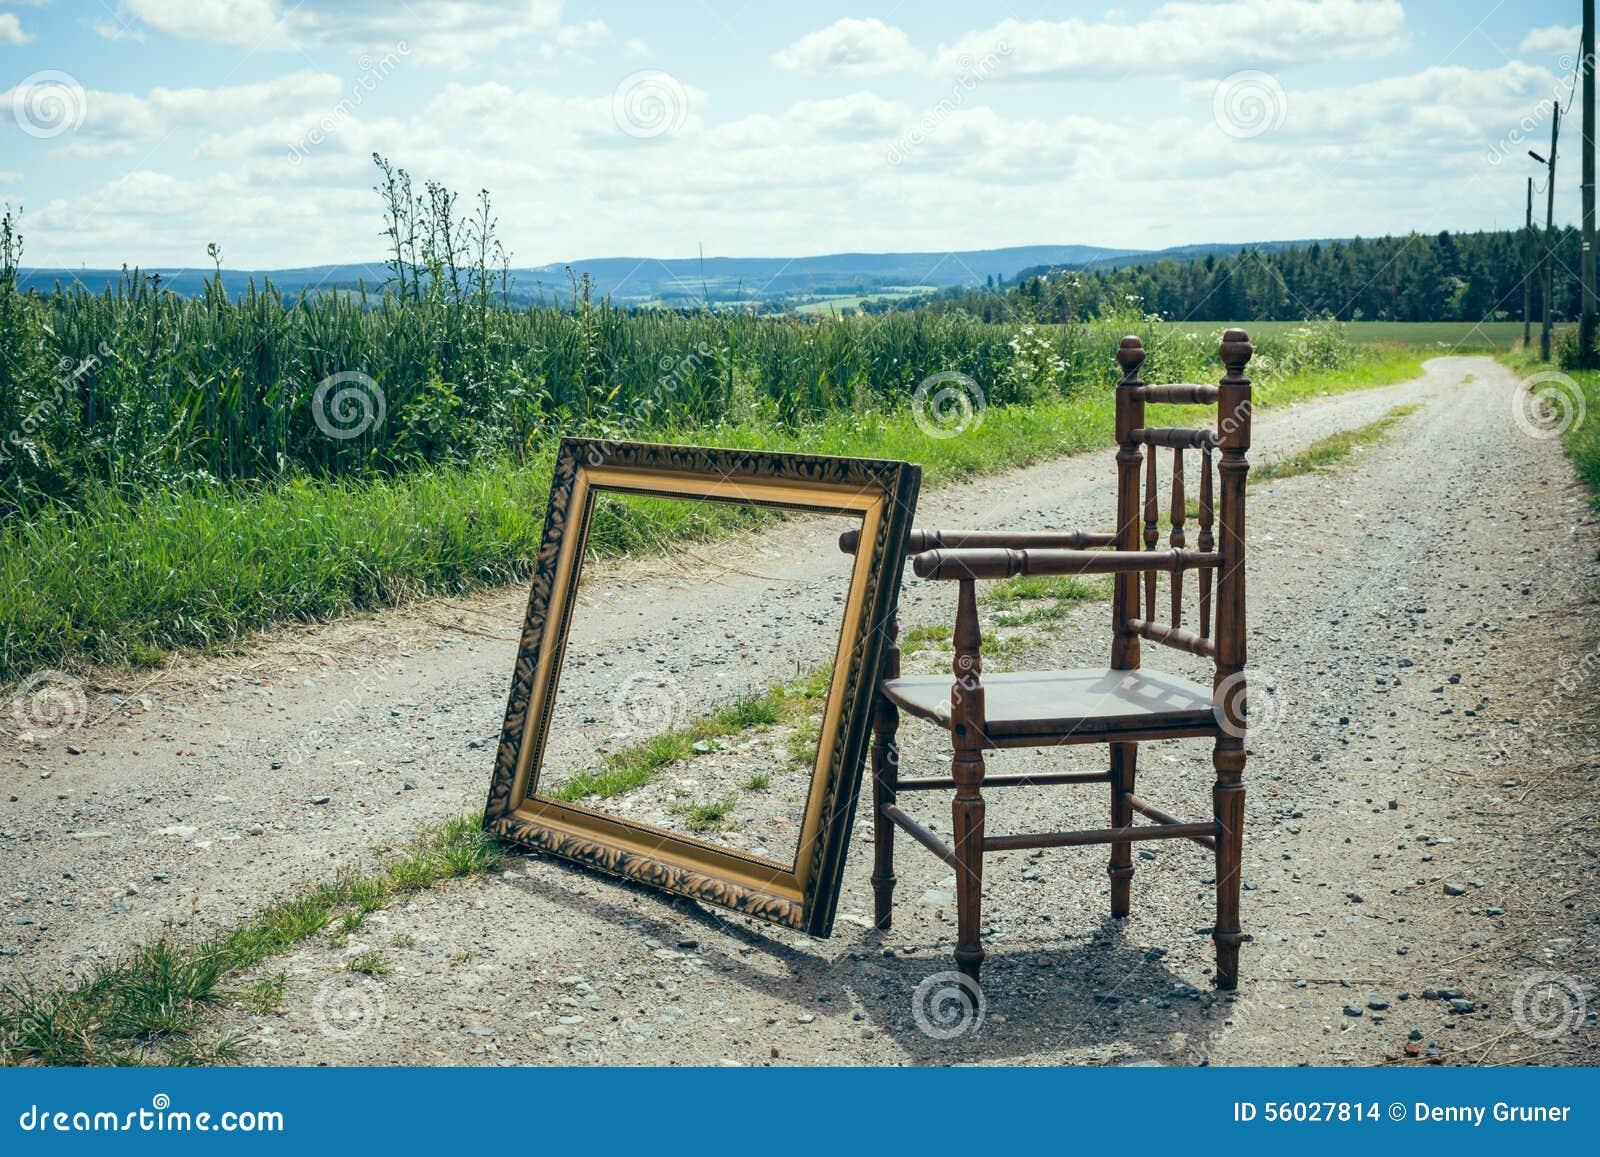 Stuhl Mit Bilderrahmen In Der Natur Stockfoto - Bild von sommer ...